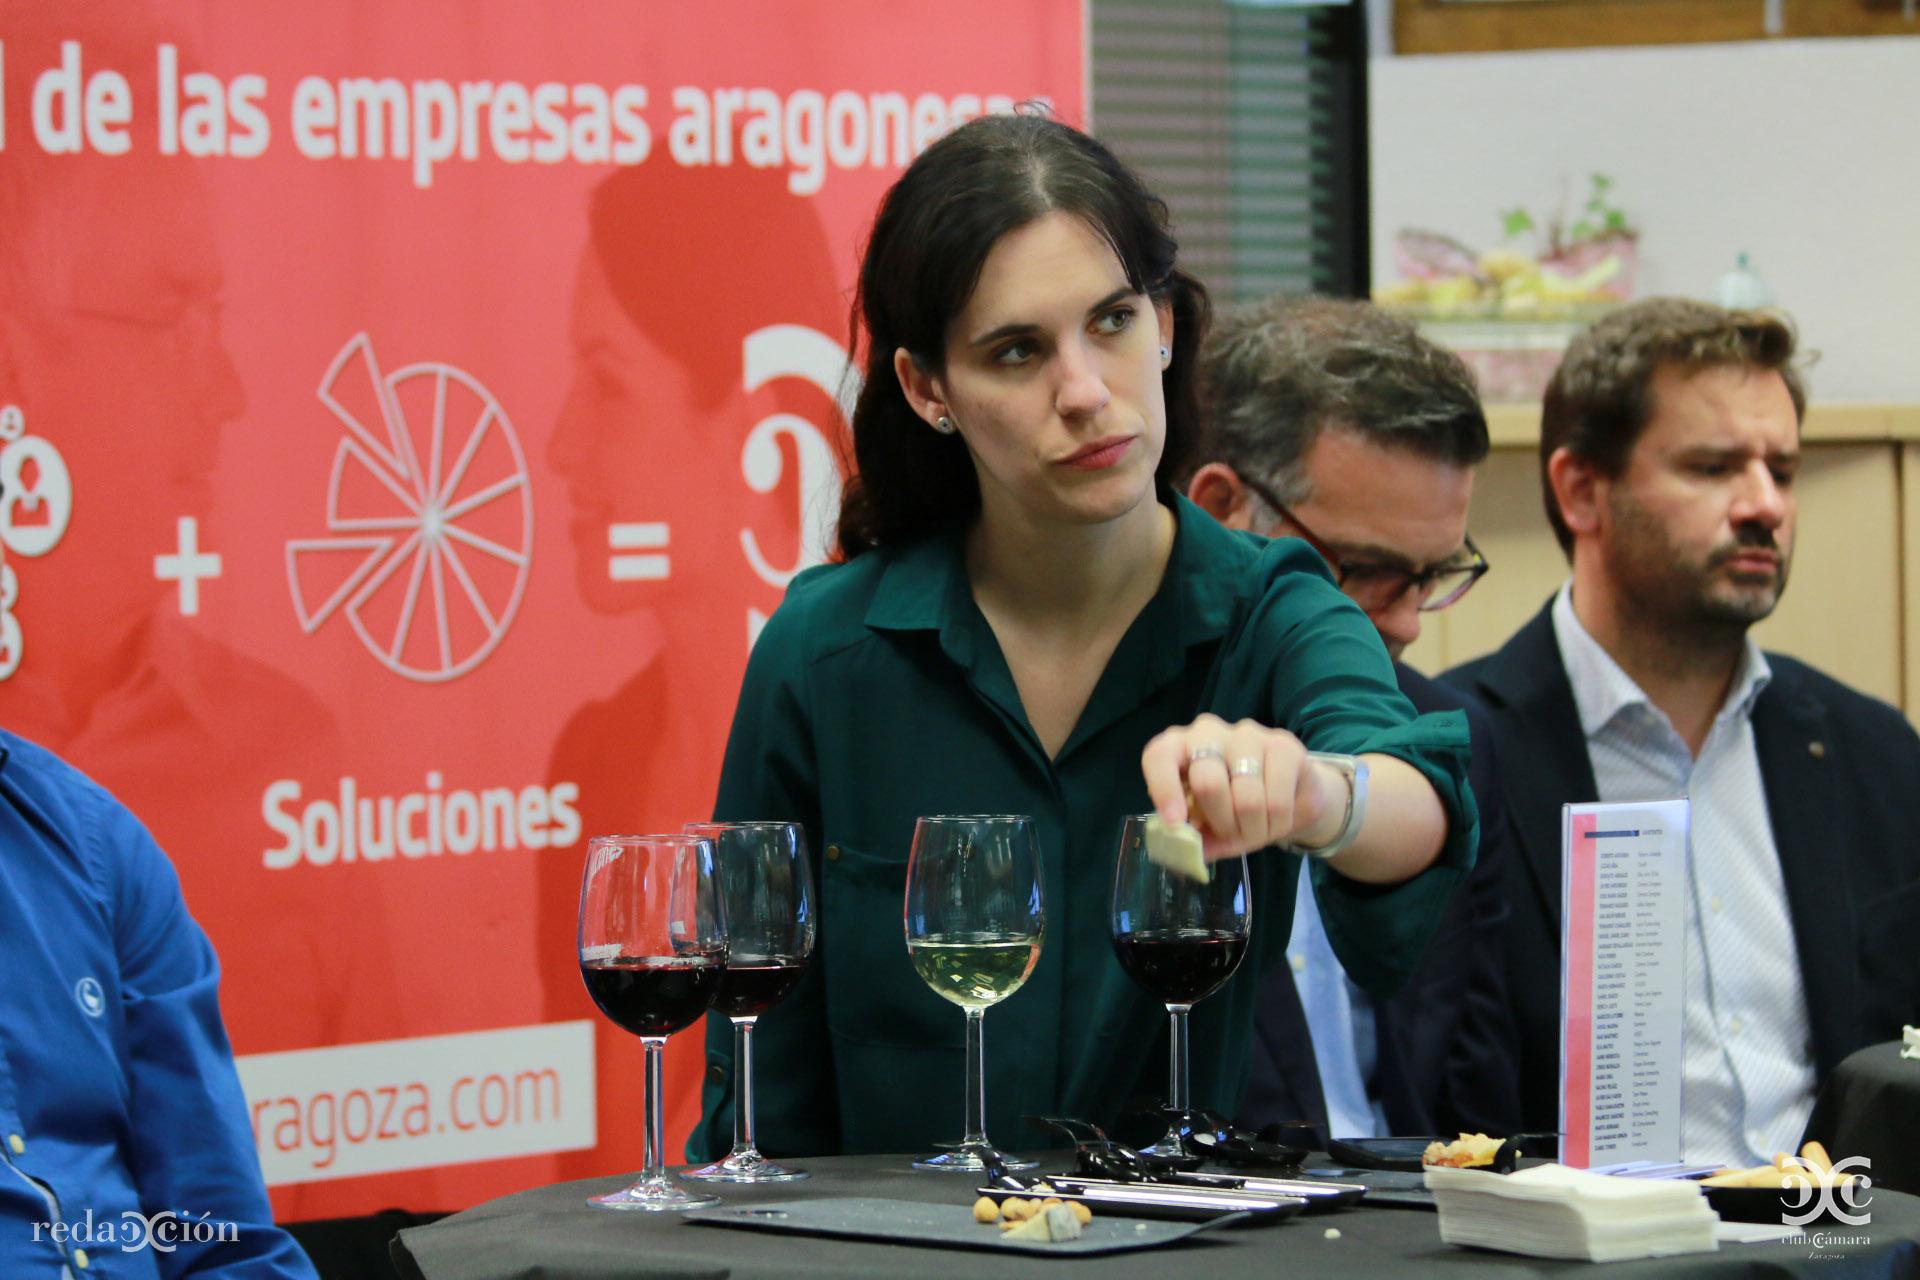 Verónica Blázquez